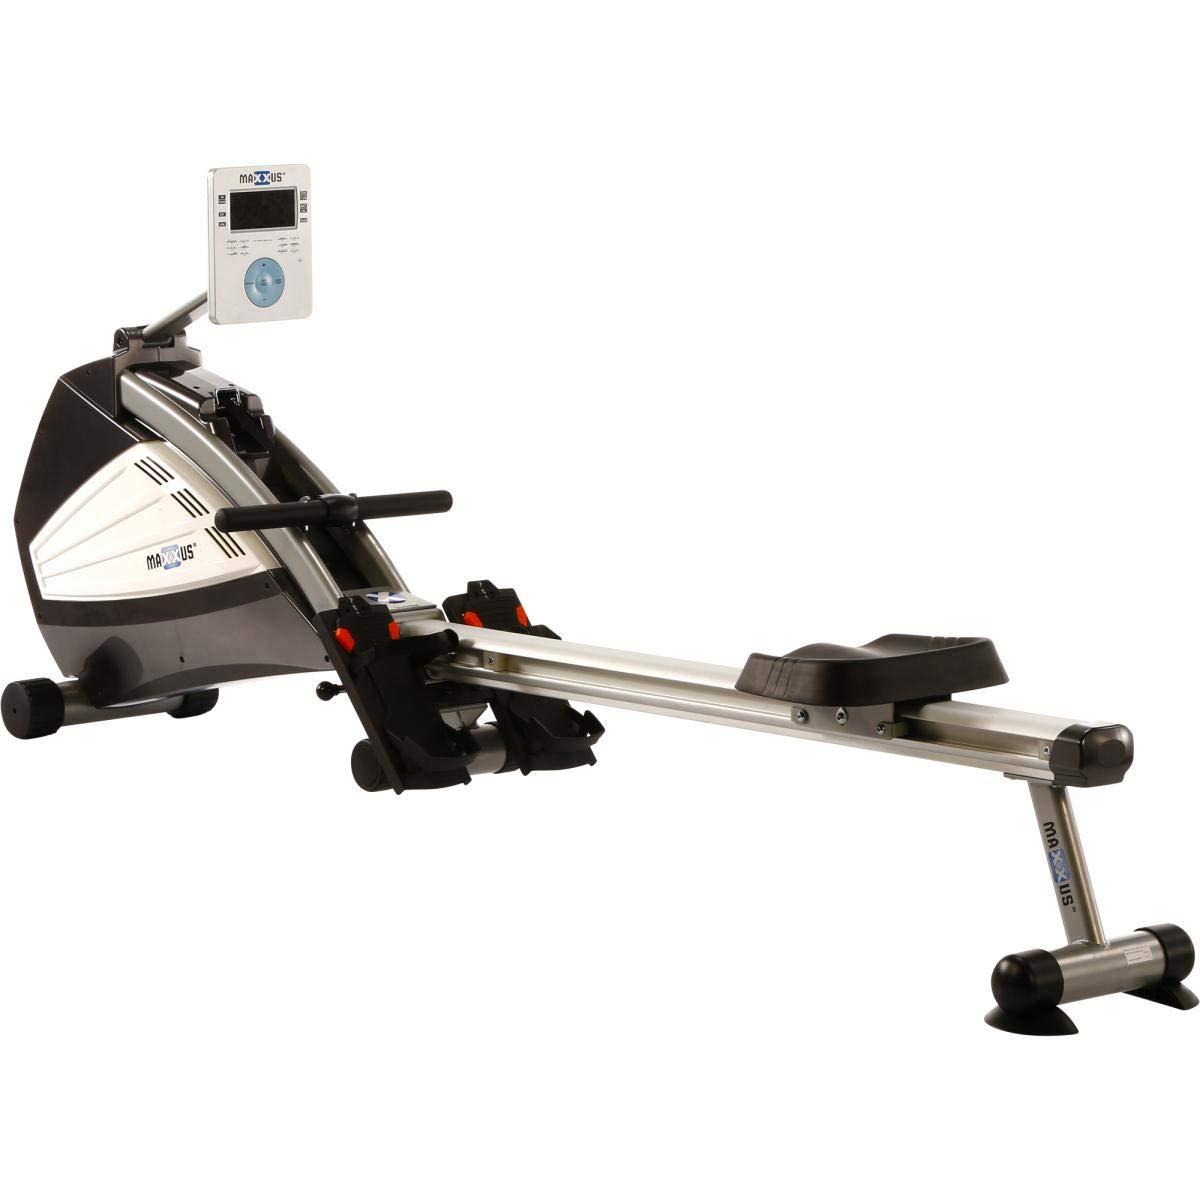 Maxxus Rudergerät 8.1 - Rower In Studioqualität Als Trainingsgerät Für Zuhause - Leiser Luft- und Magnetantrieb, Klappbar, 150Kg Maximales Benutzergewicht - Trainingscomputer mit Wettkampfsimulation